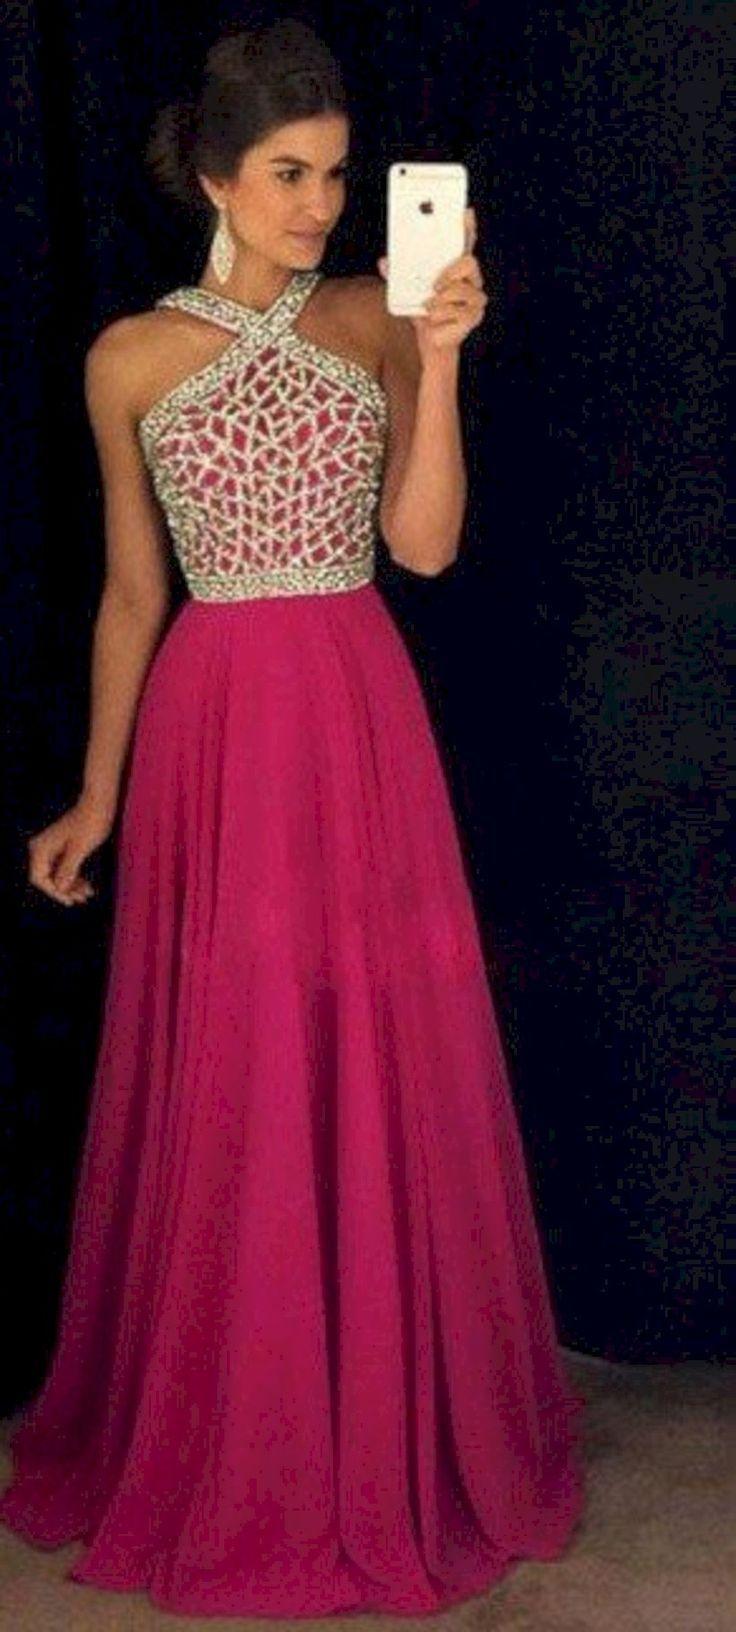 Fantastische 17 schöne Kleider Prinzessinnen Kleid für eine Party